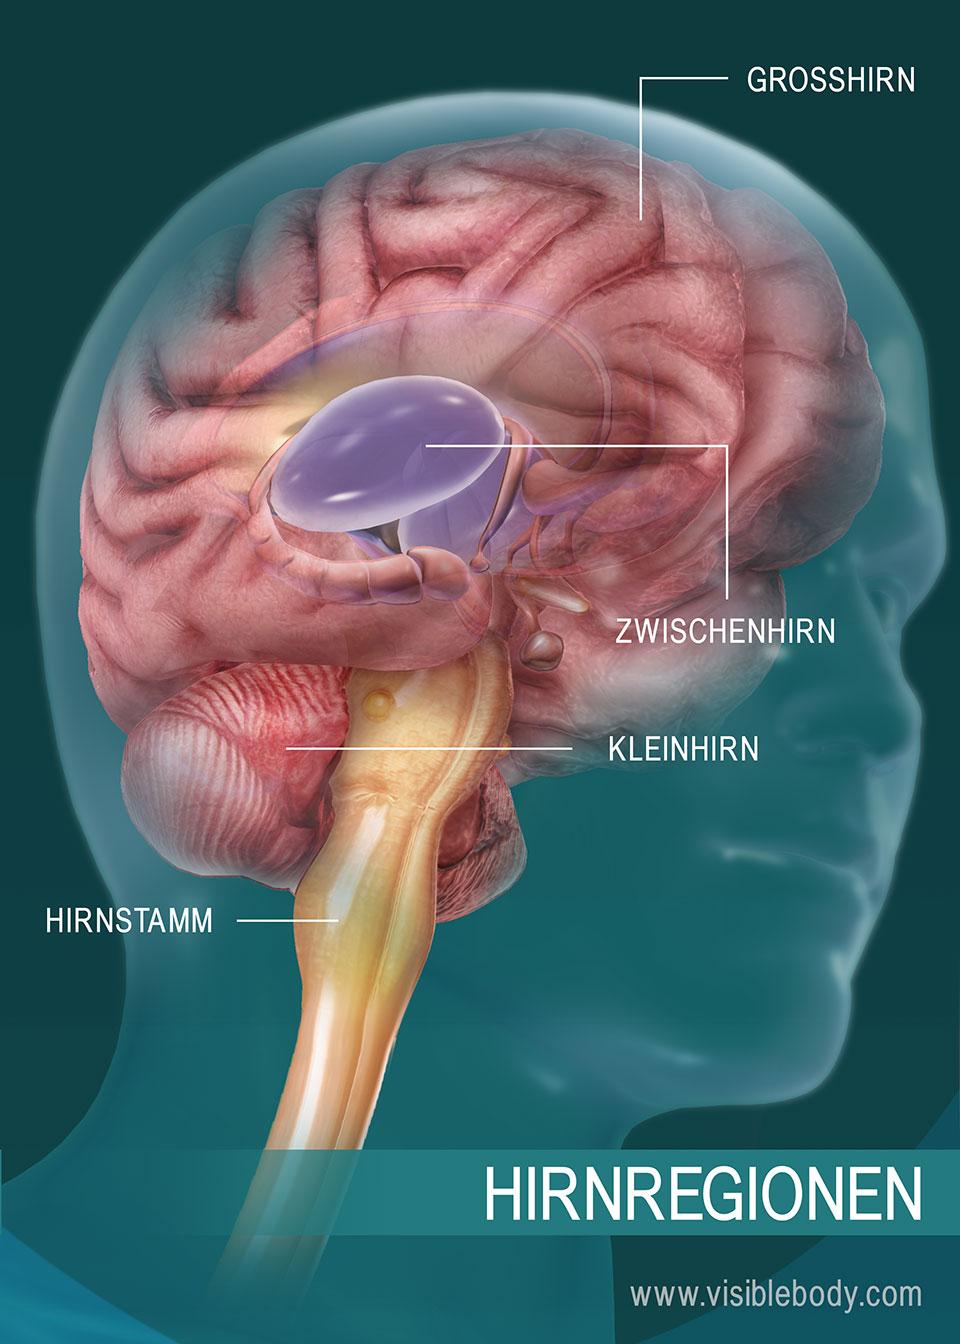 Eine Darstellung der Gehirnregionen